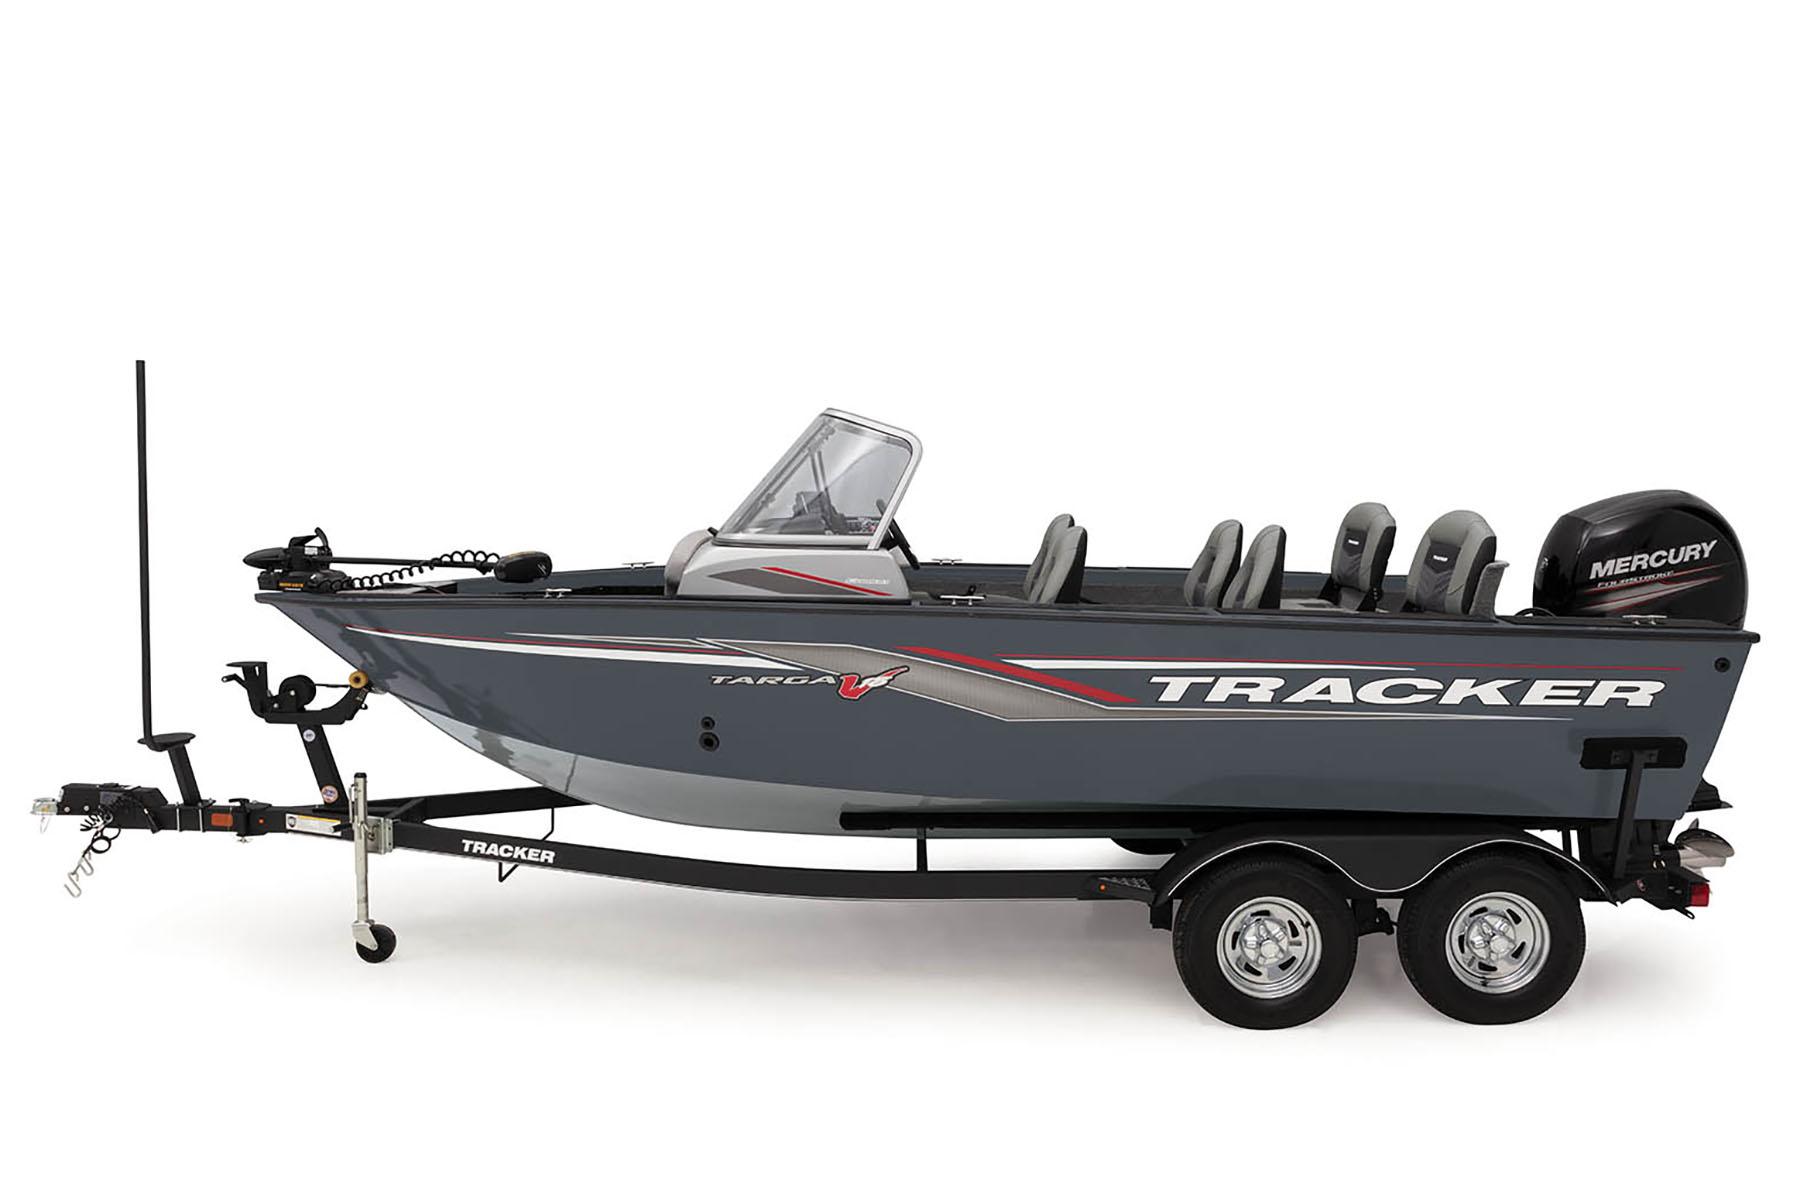 2019 Targa V 18 Combo Tracker Deep V Multi Species Boat